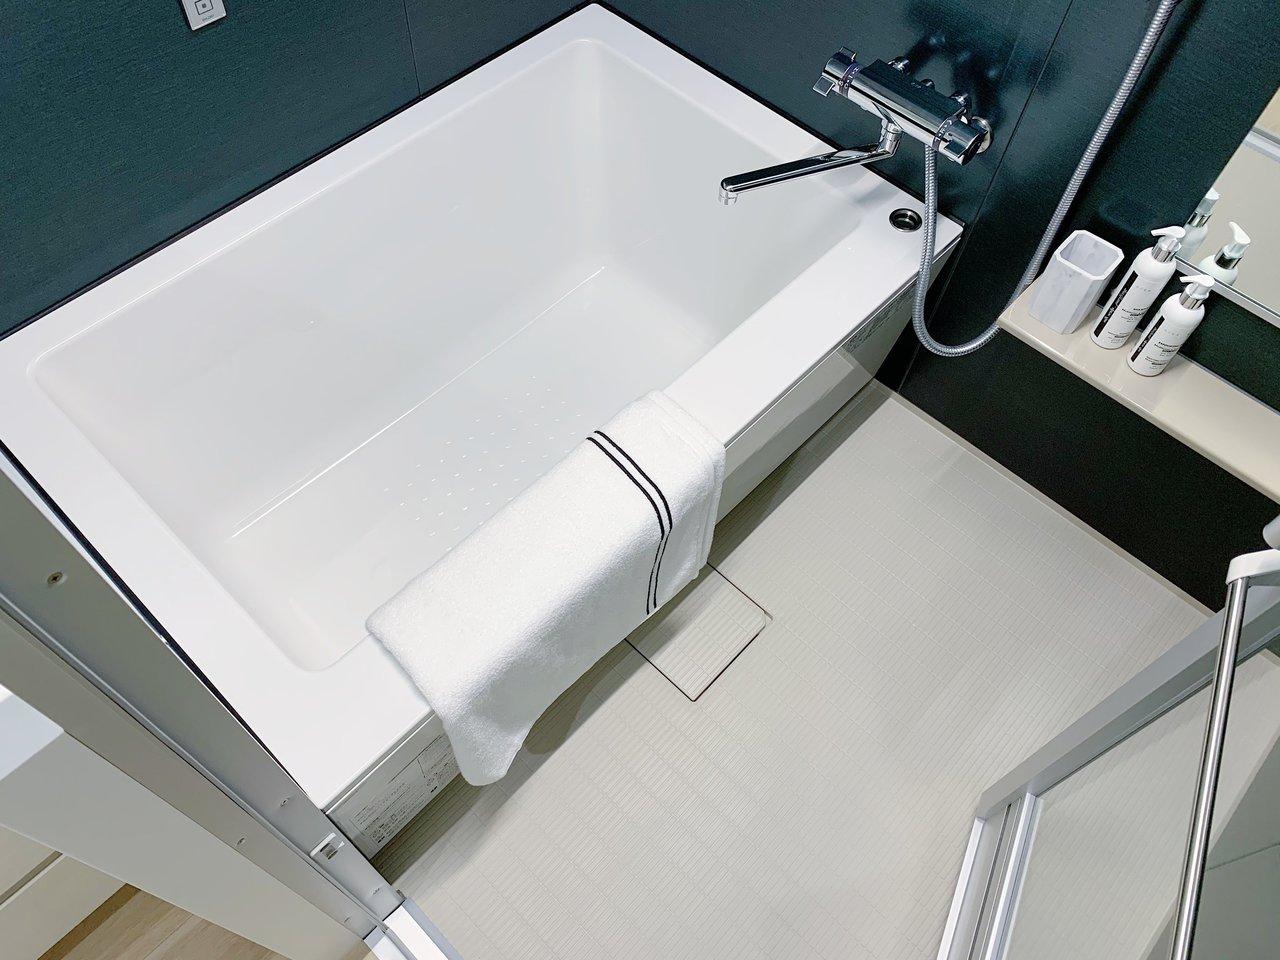 さすが新築。お風呂や洗面台など、水まわりの設備もデザインが良く、充実していますよ。